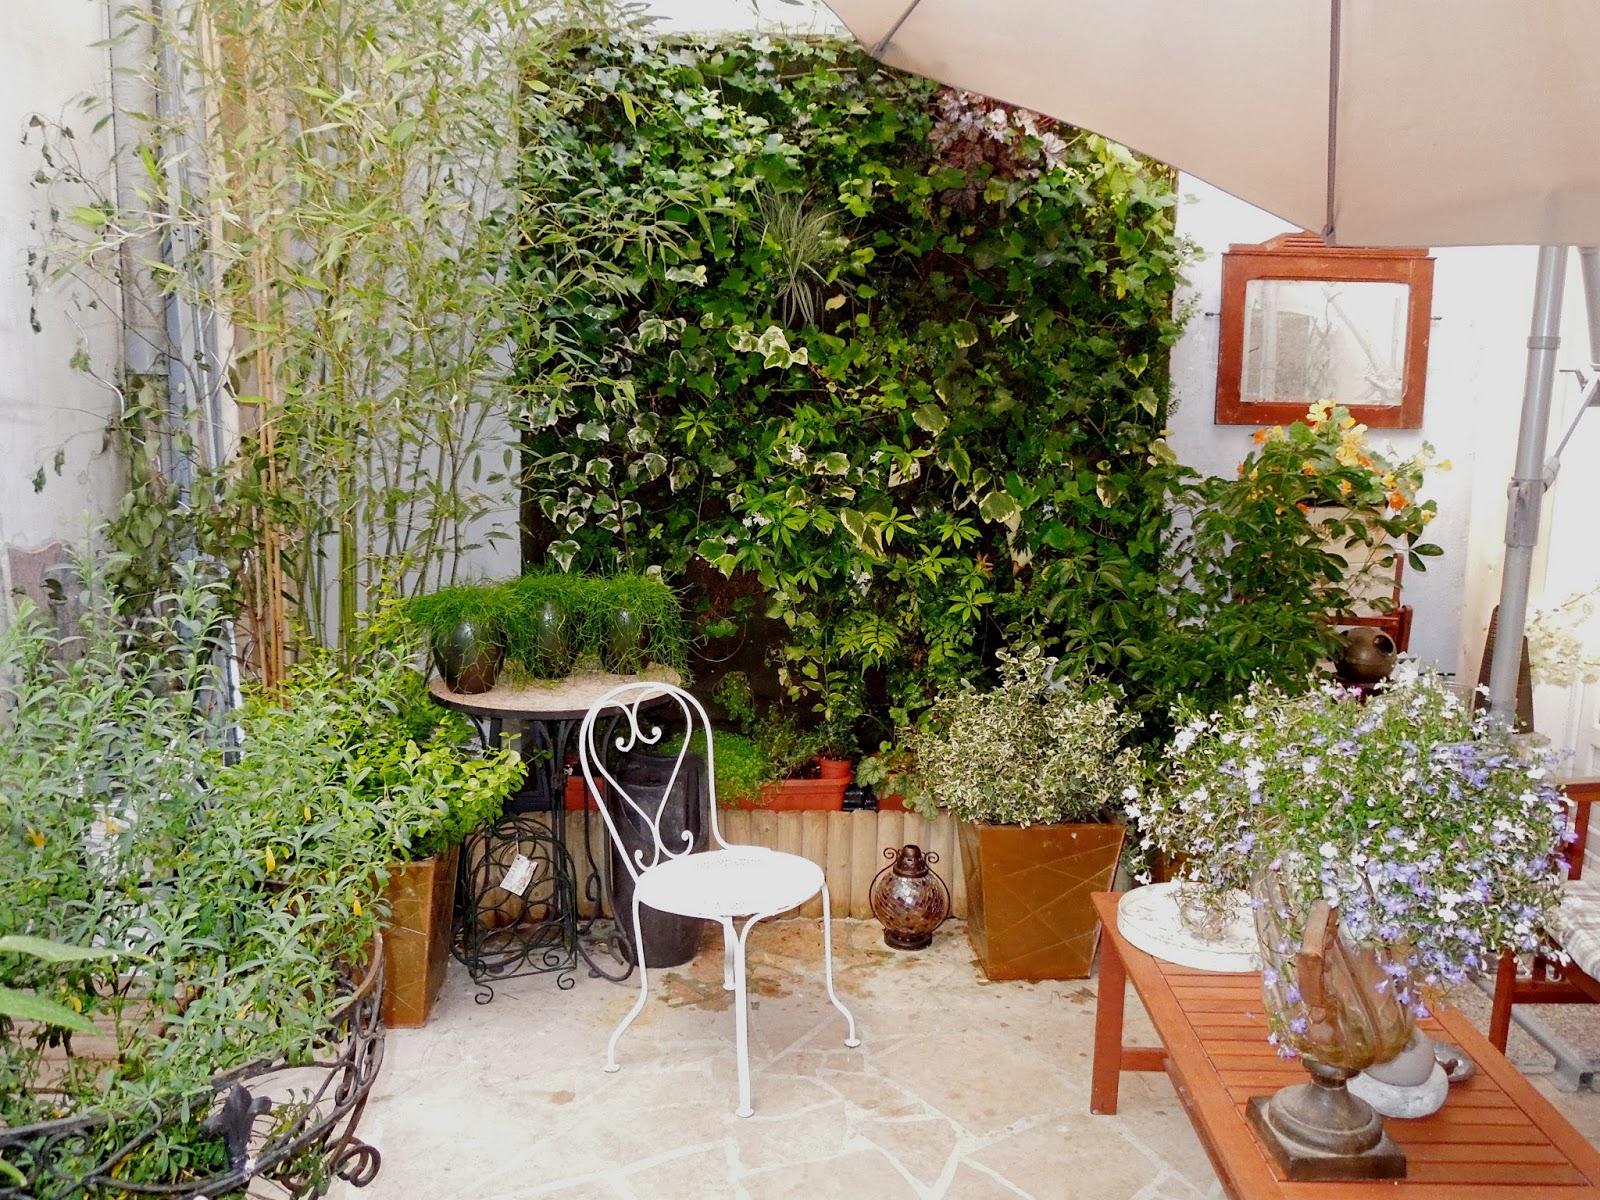 d p t vente honfleur le grenier de honfleur nouveau cet t au grenier de honfleur. Black Bedroom Furniture Sets. Home Design Ideas